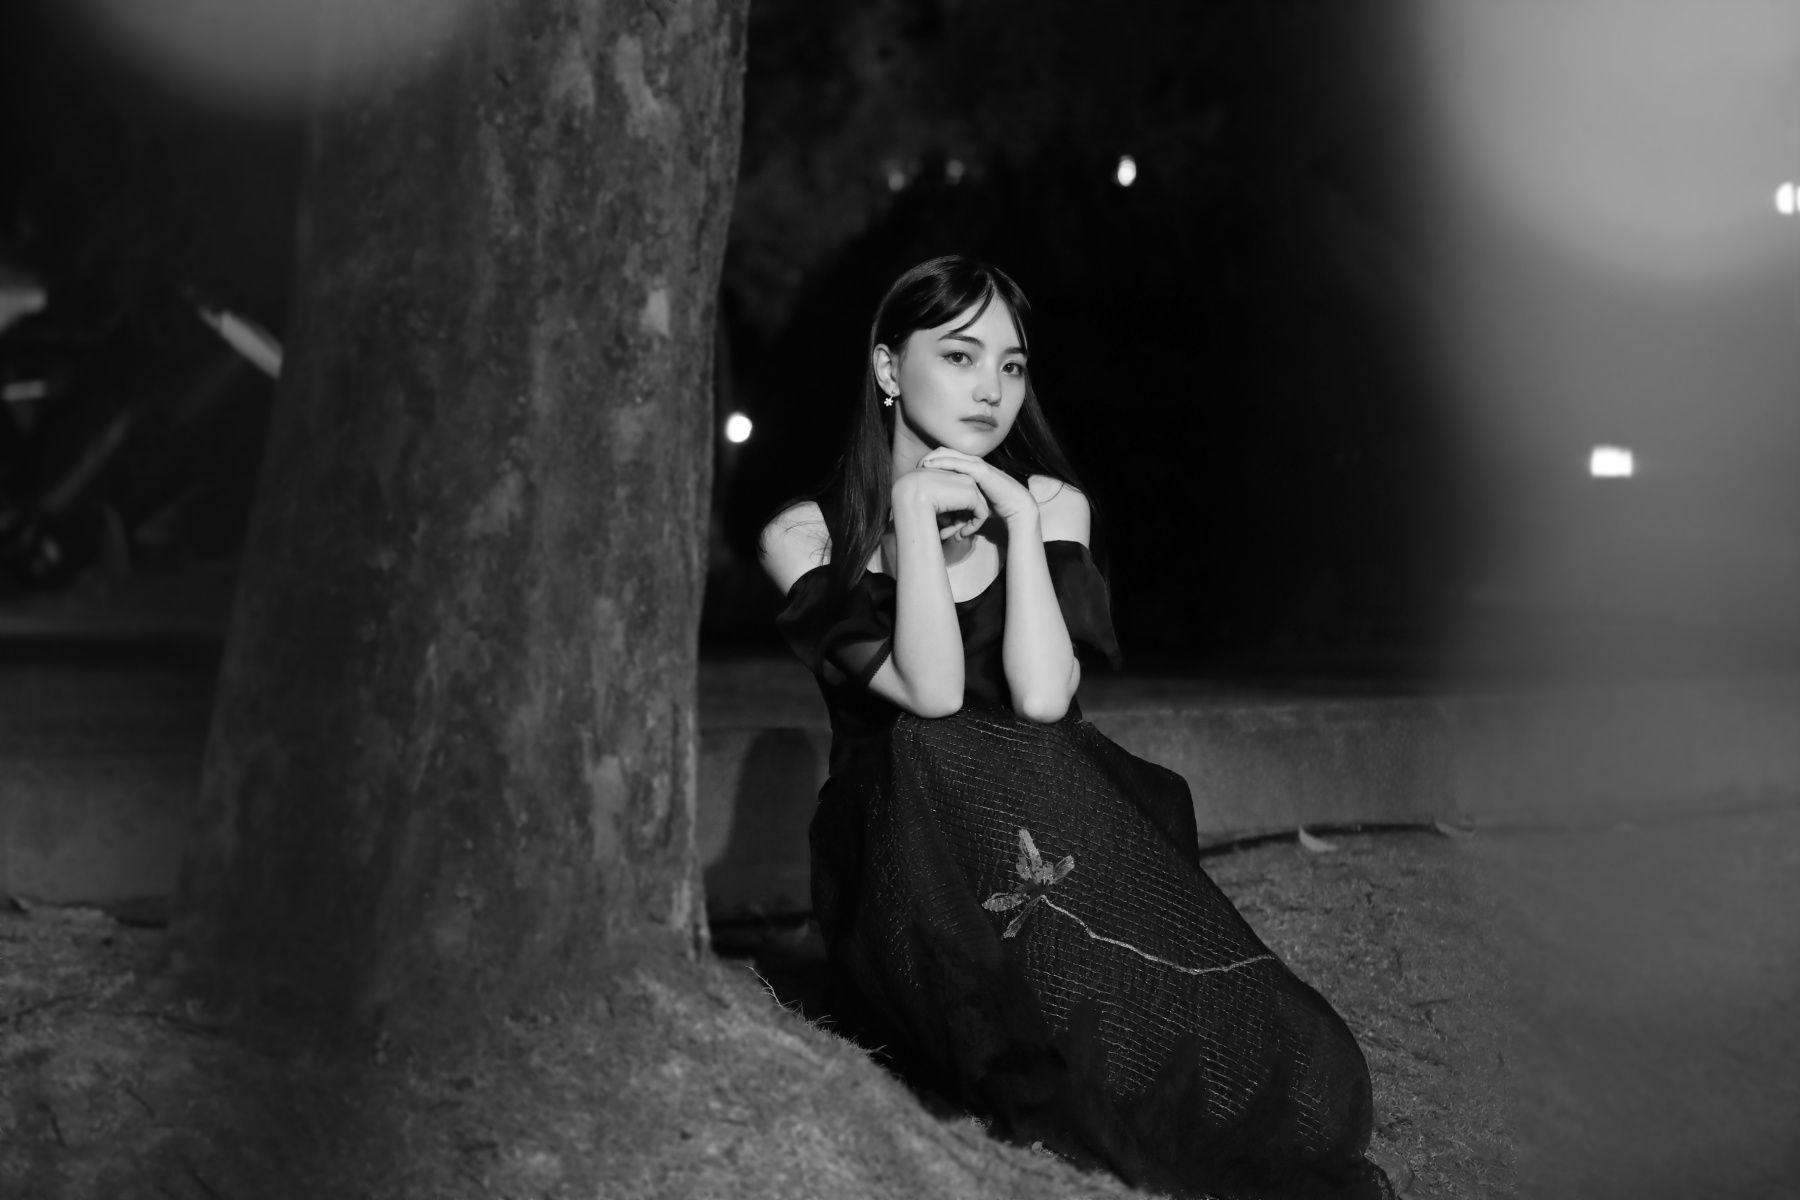 專訪「美女棋士」黑嘉嘉:潛入 SHIATZY CHEN 2021 秋冬秀場,最想挑戰的穿搭風格是⋯